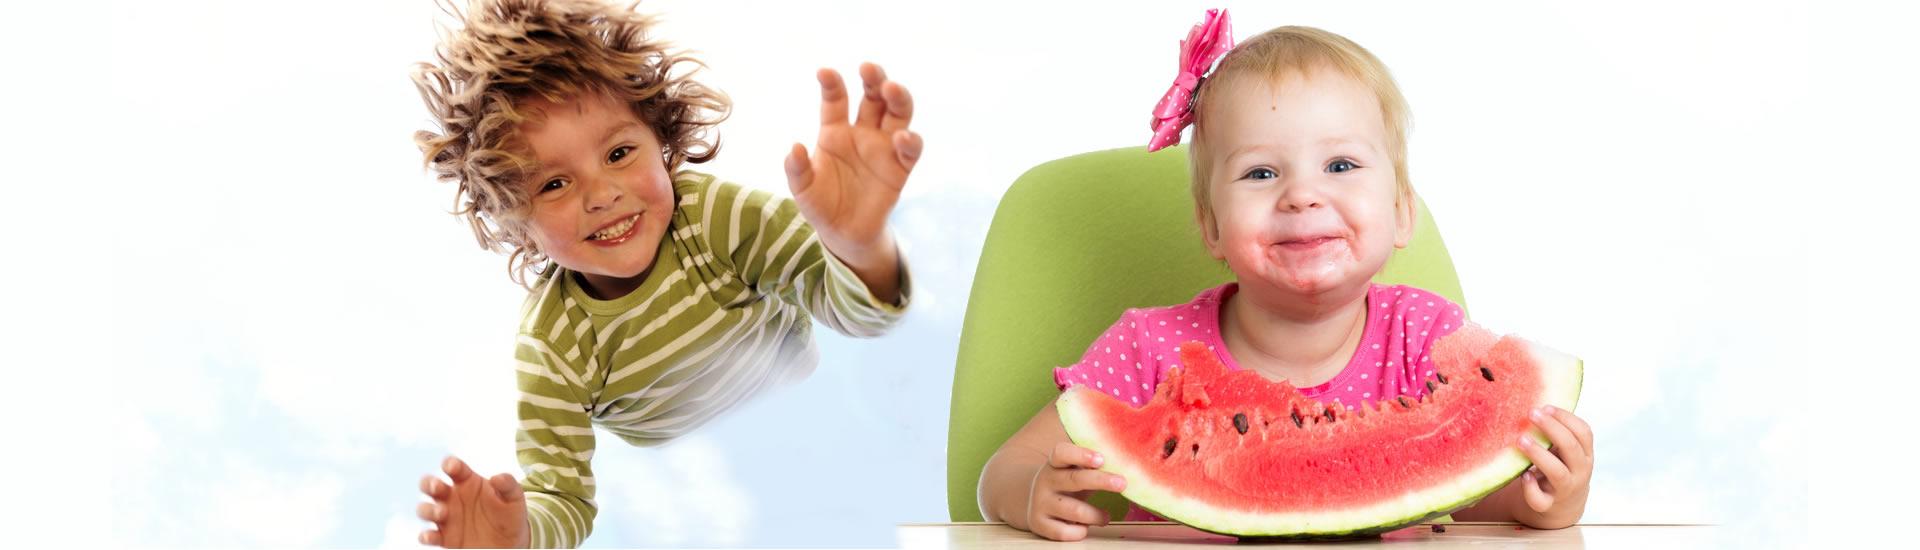 Kinderzahnheilkunde- Dr. Grit Walz